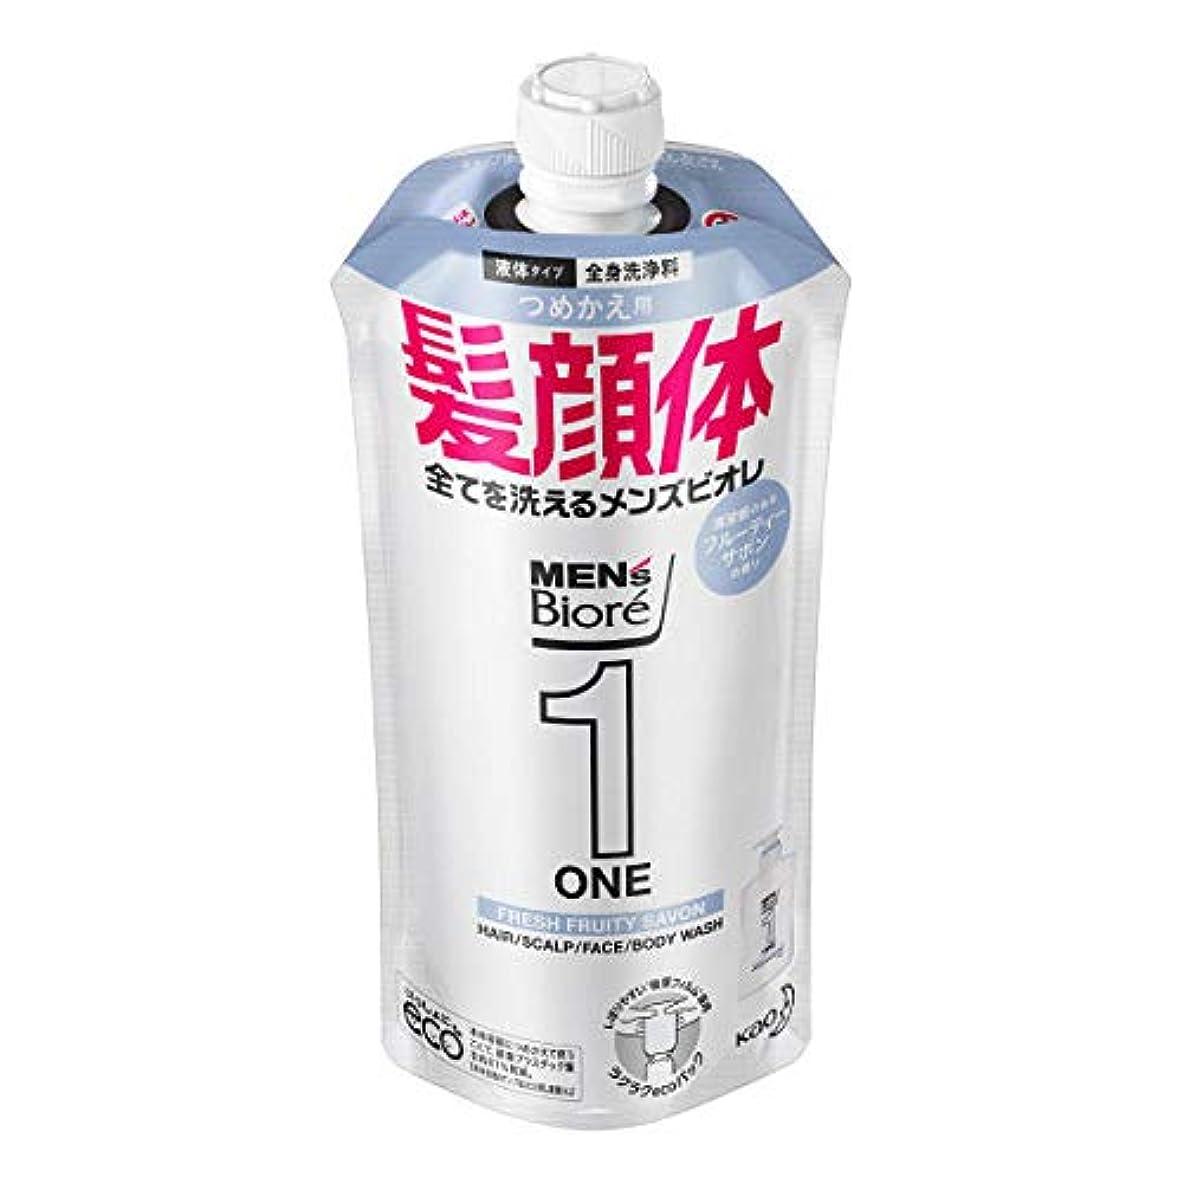 悪化させる留まるミュージカルメンズビオレONE オールインワン全身洗浄料 清潔感のあるフルーティーサボンの香り つめかえ用 340mL